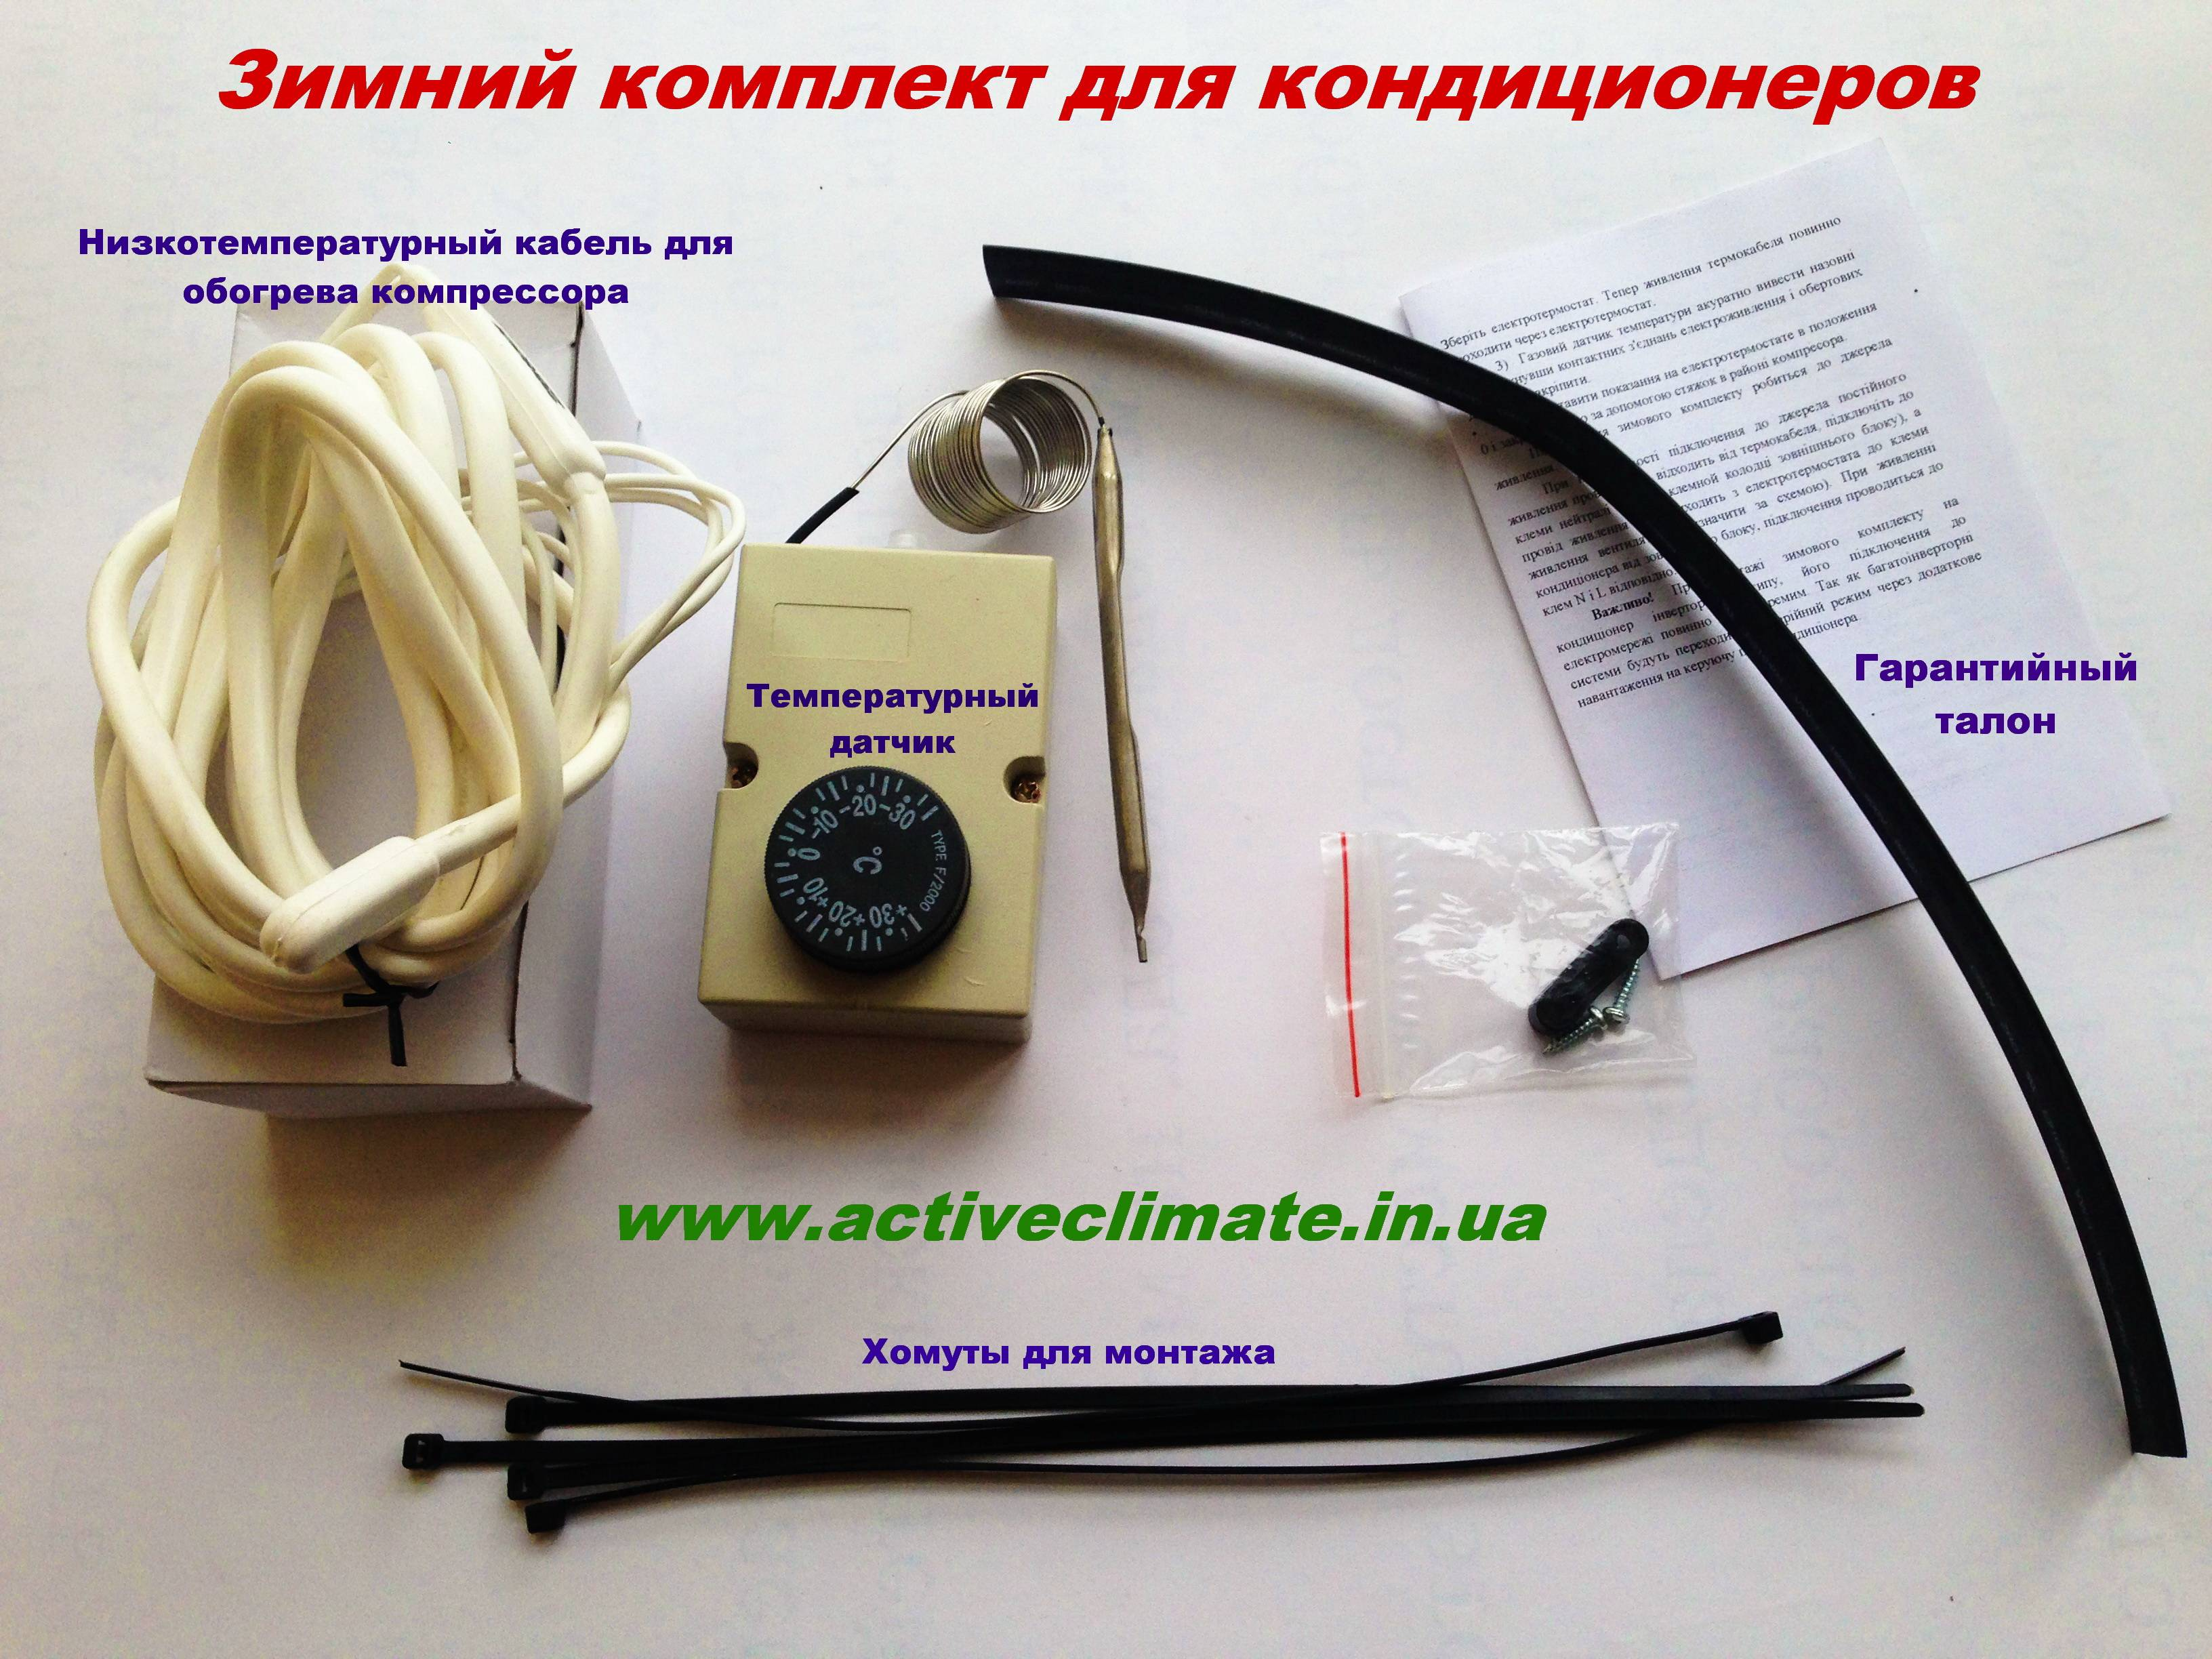 Зимний комплект для кондиционера: устройство и принцип работы, инструкция по установке и эксплуатации